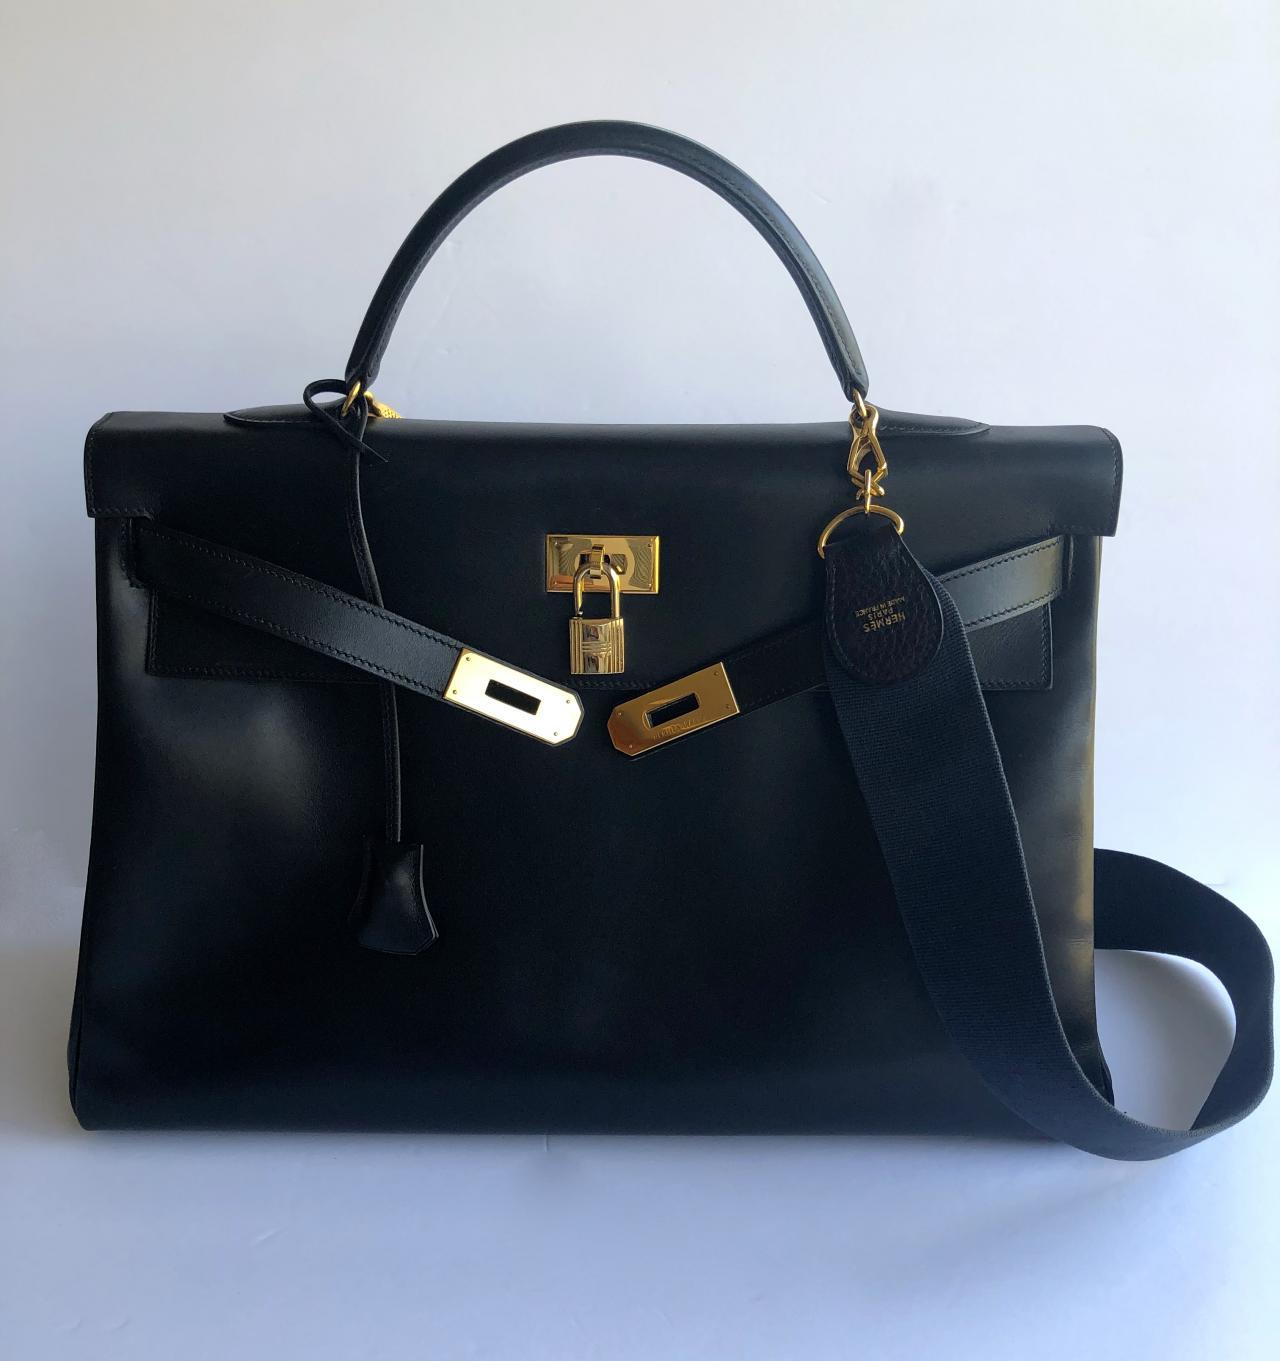 8c684de112 Authentic HERMES Kelly 40 cm Black Noir Box Calf Gold Hardware ...